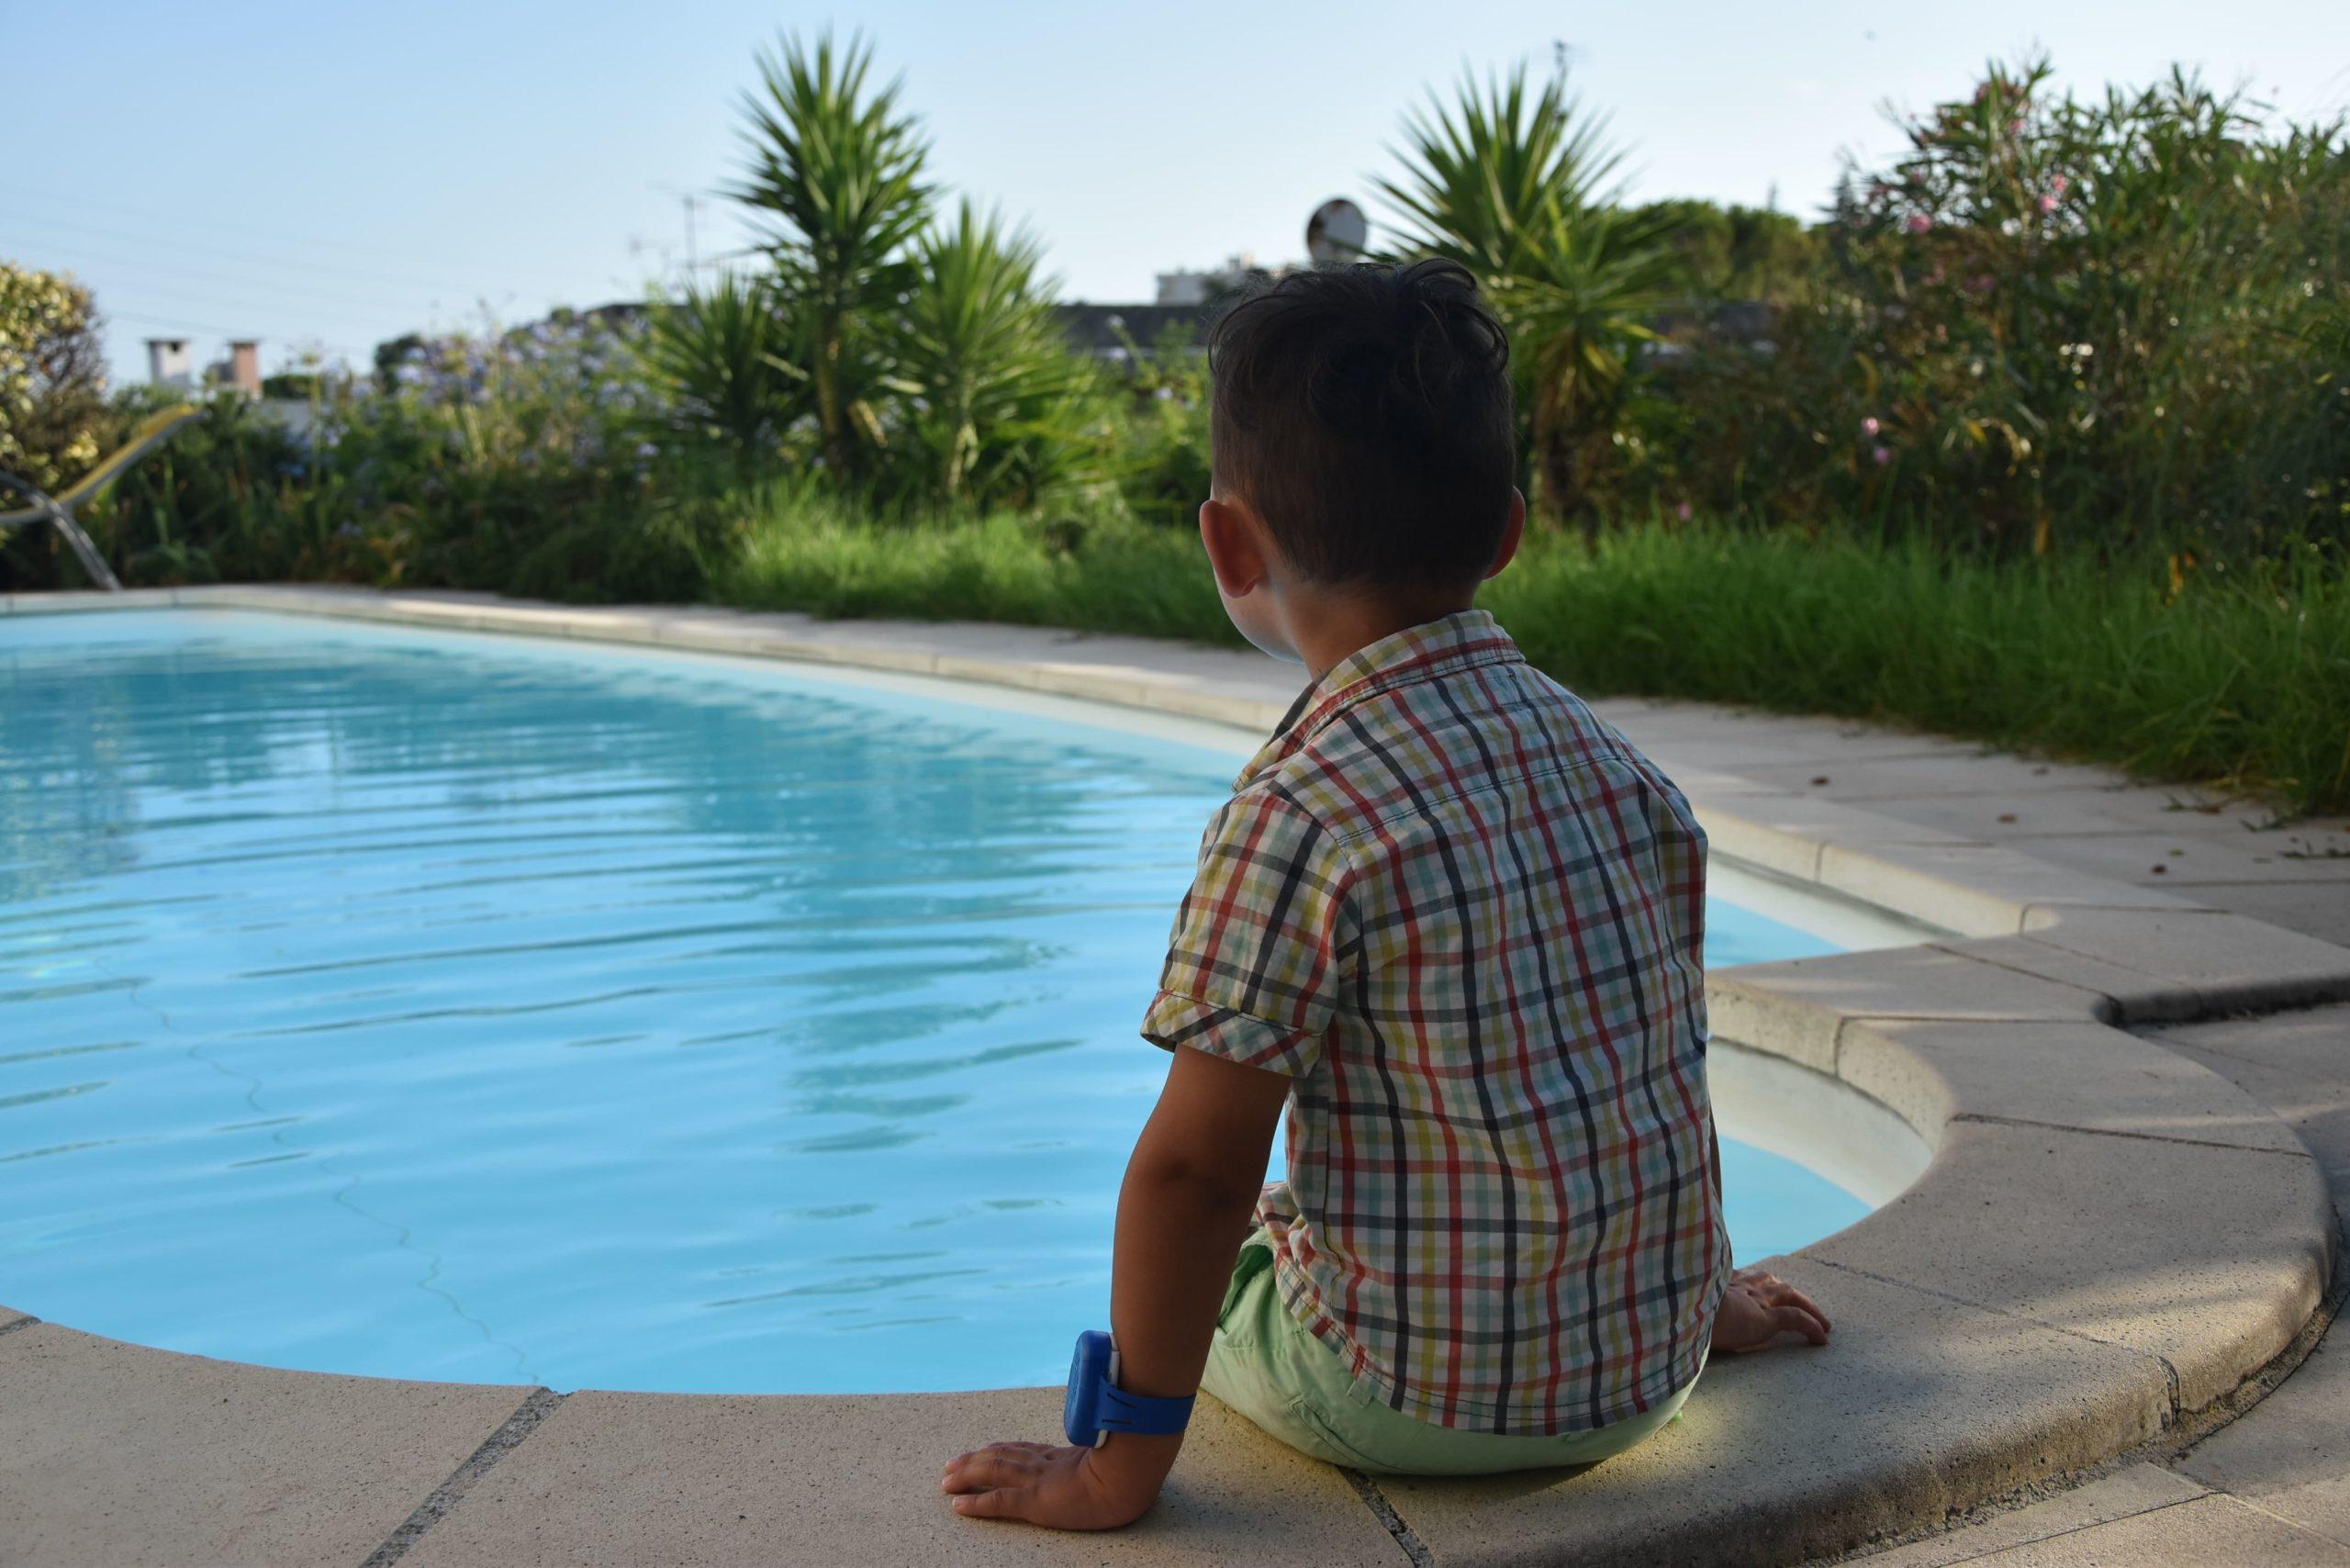 Sécurité Piscine Enfant: Bracelet Blueprotect – Tartine Et ... dedans Bracelet Alarme Piscine Decathlon